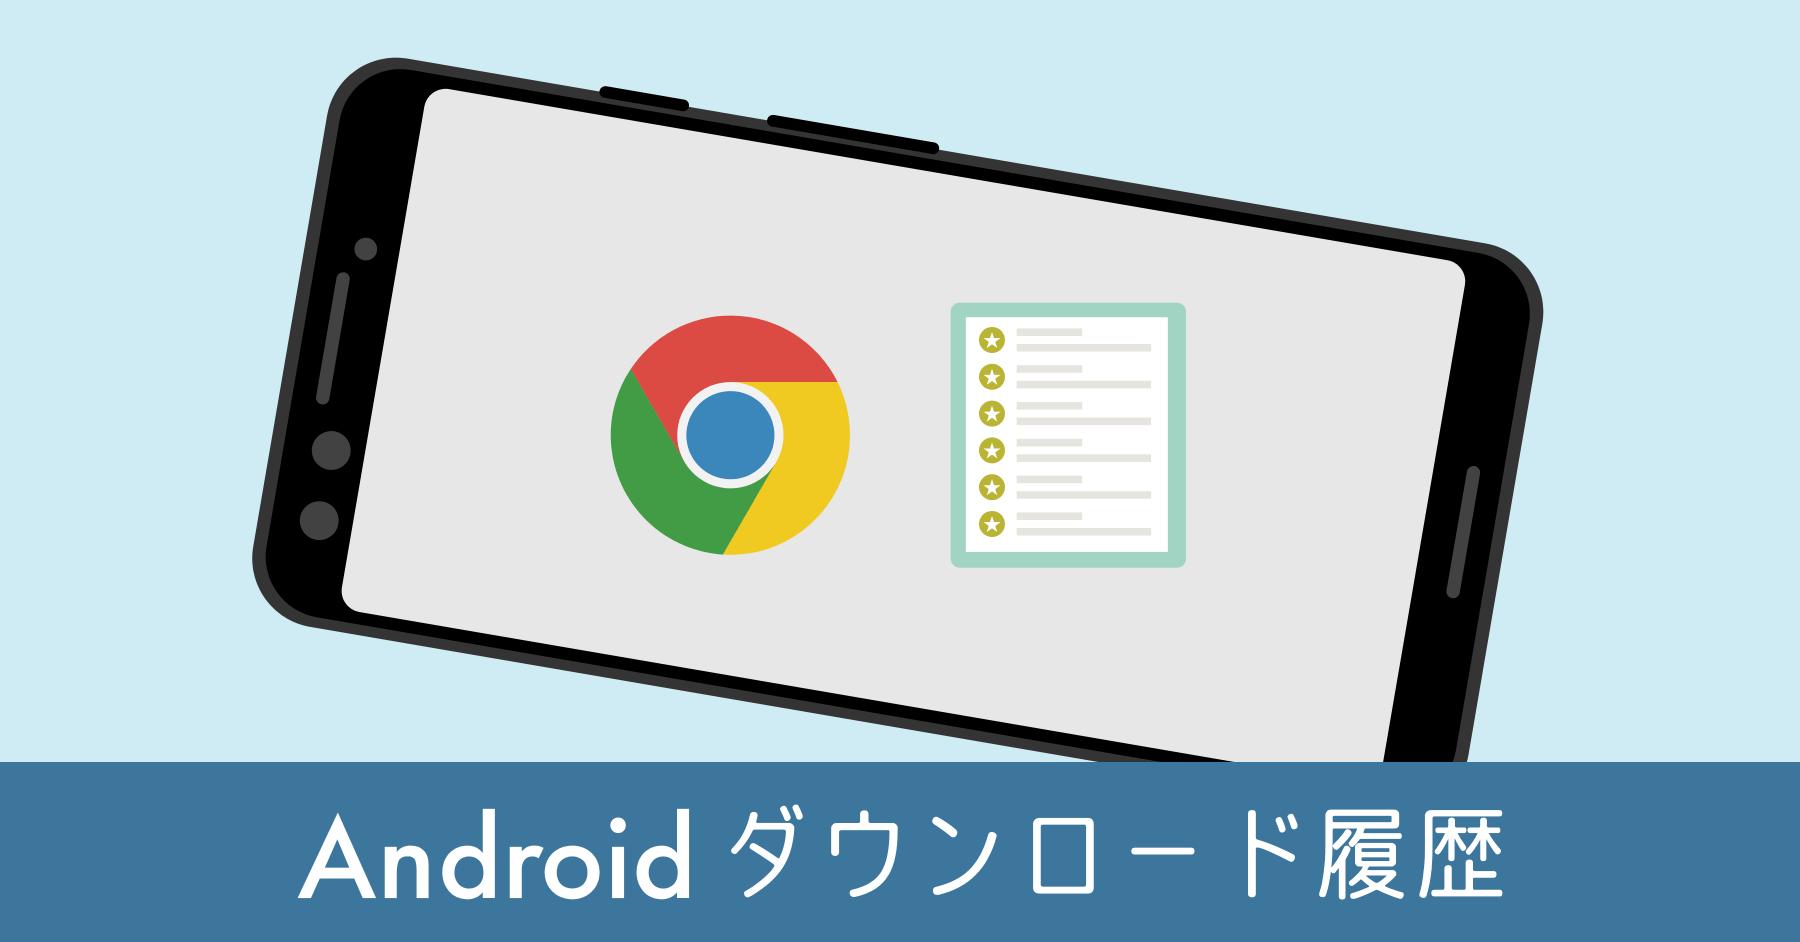 【Android】Chromeのダウンロード履歴を表示